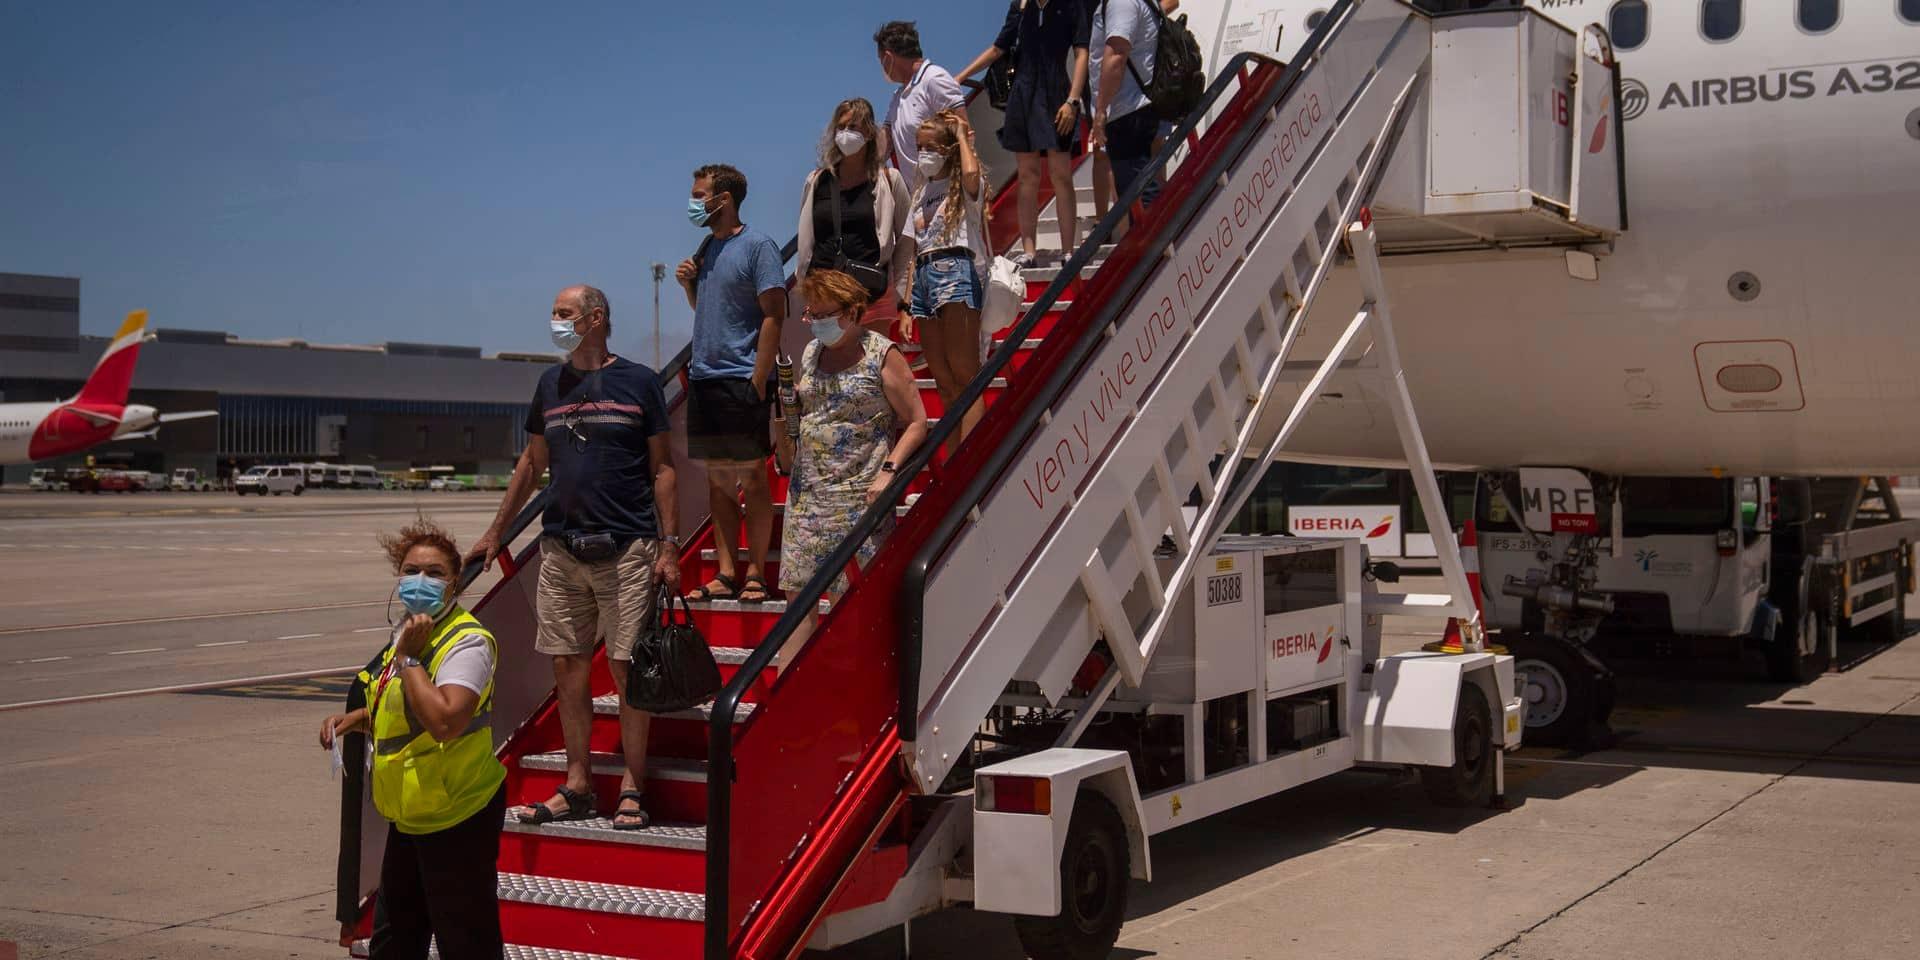 Remboursements de vos billets d'avion : des voyageurs toujours à la merci de certaines compagnies